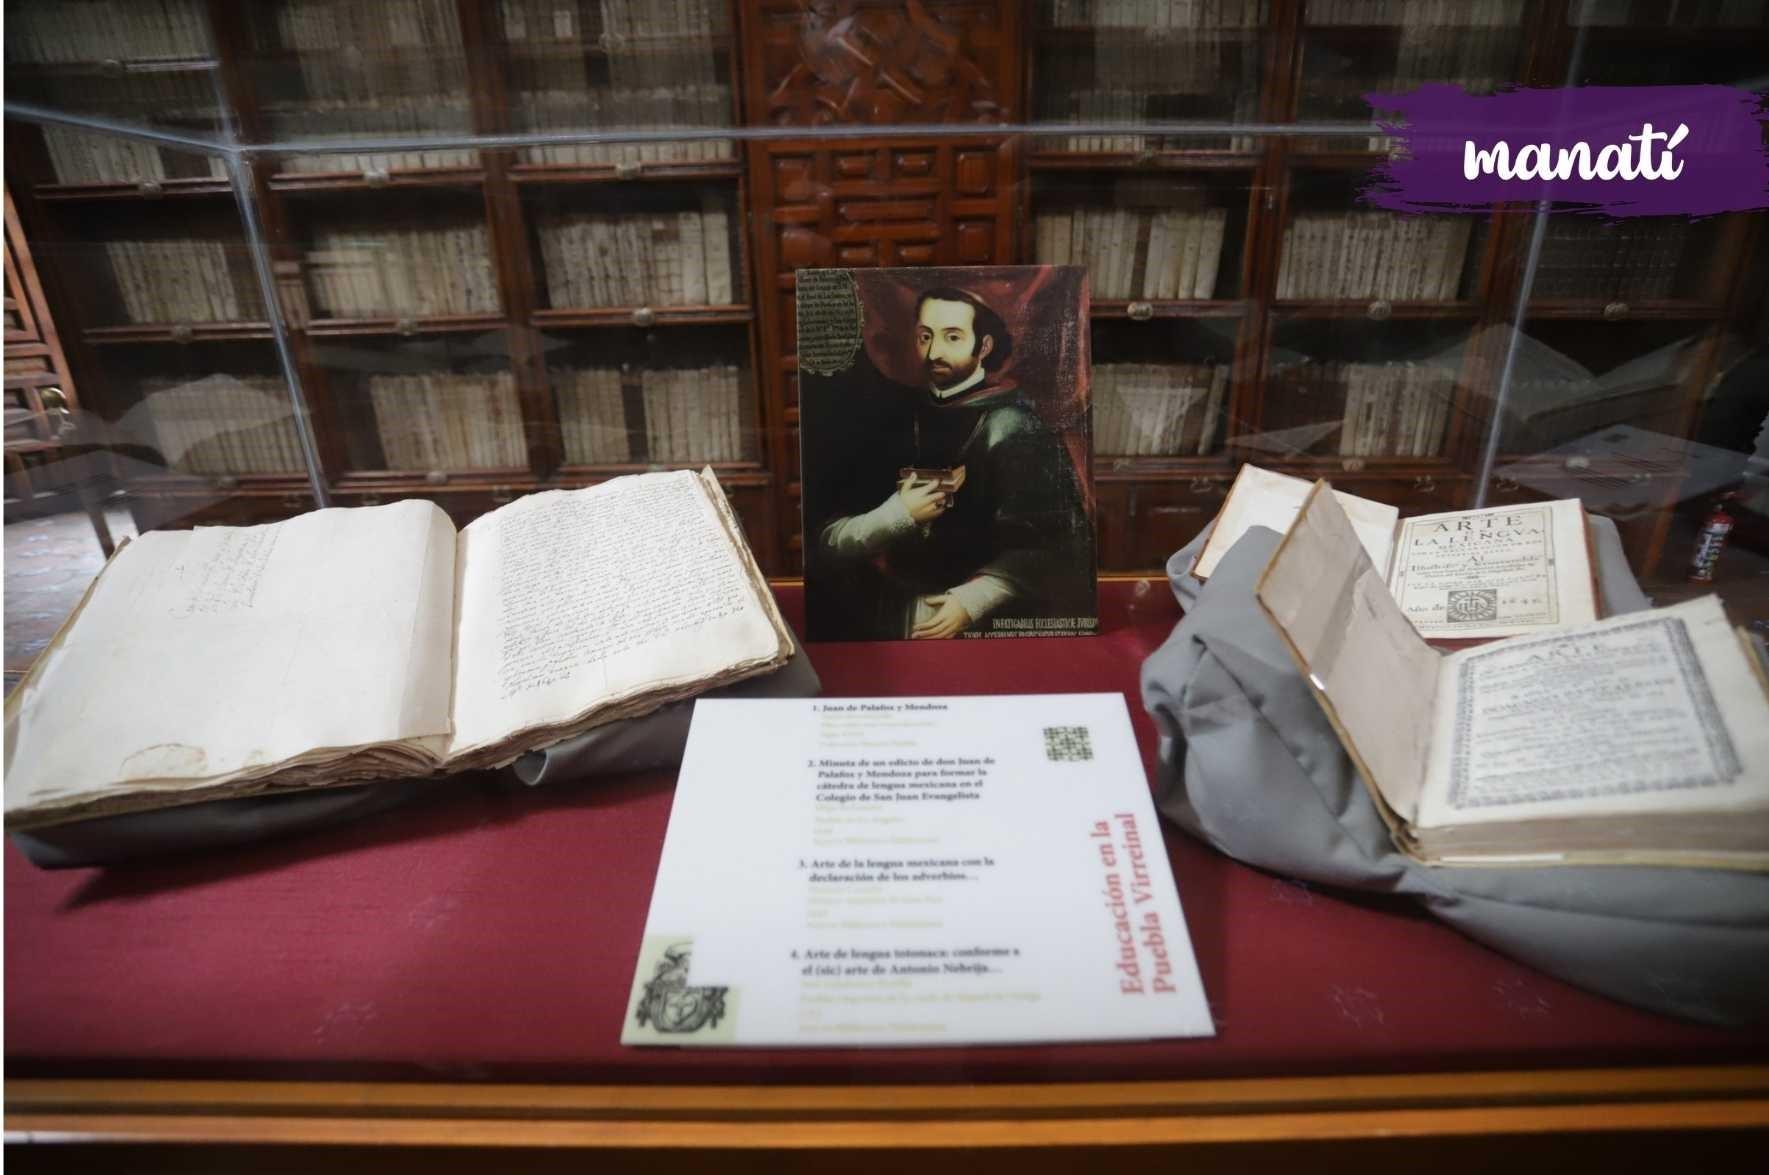 Acervo donado por Juan de Palafox y Mendoza a la Biblioteca Palafoxiana en Puebla